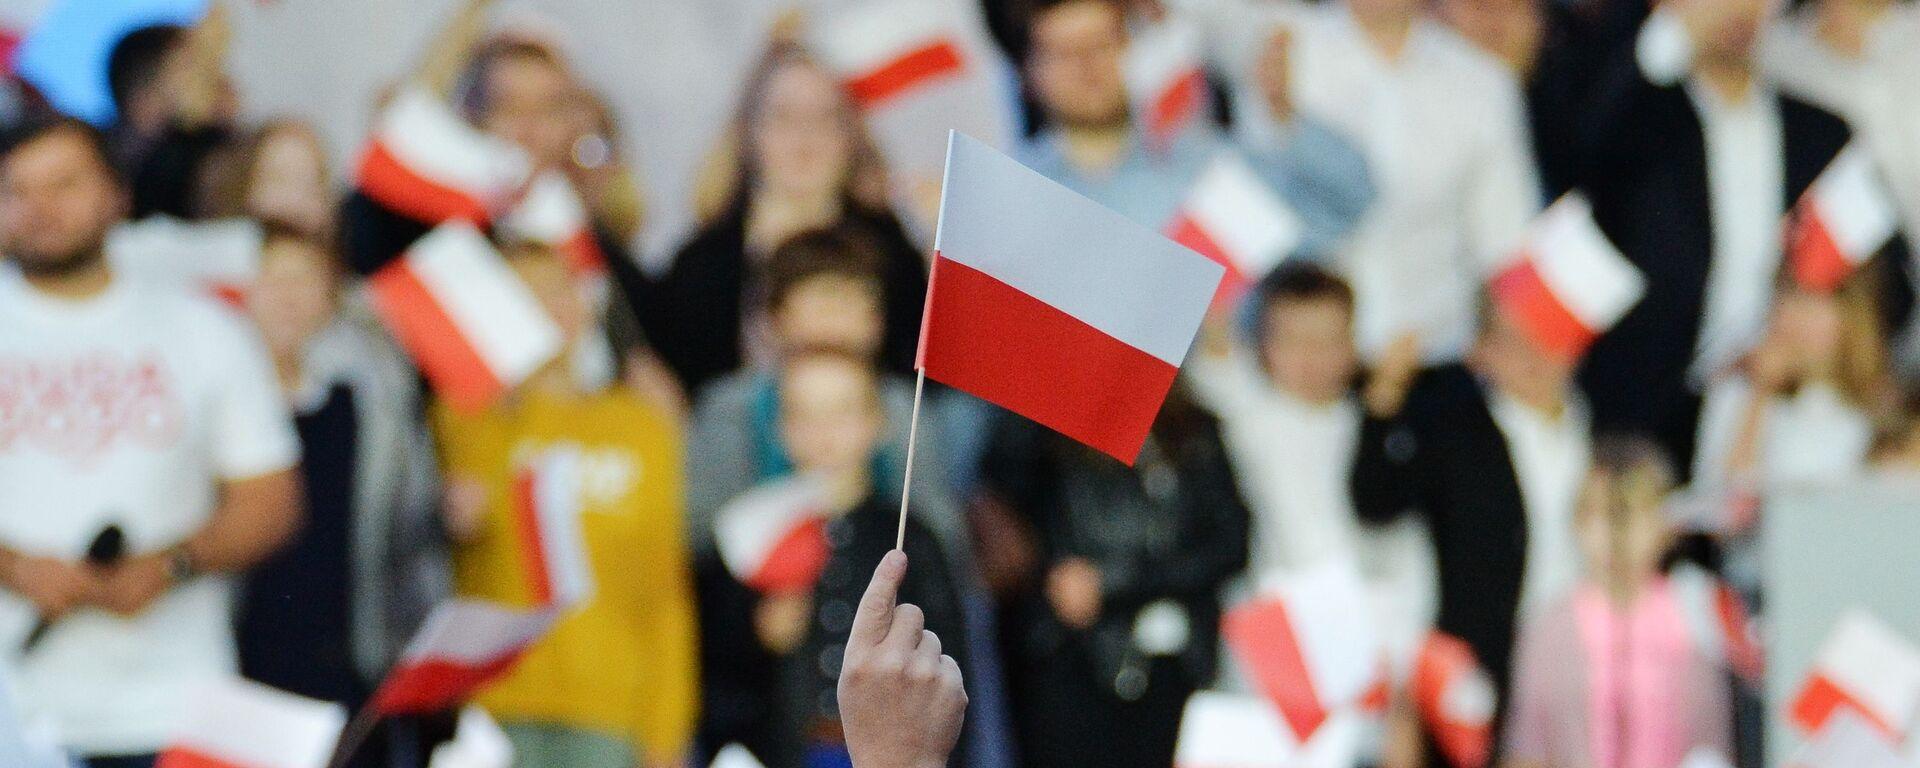 Wybory prezydenckie w Polsce, 2020 - Sputnik Polska, 1920, 06.10.2020